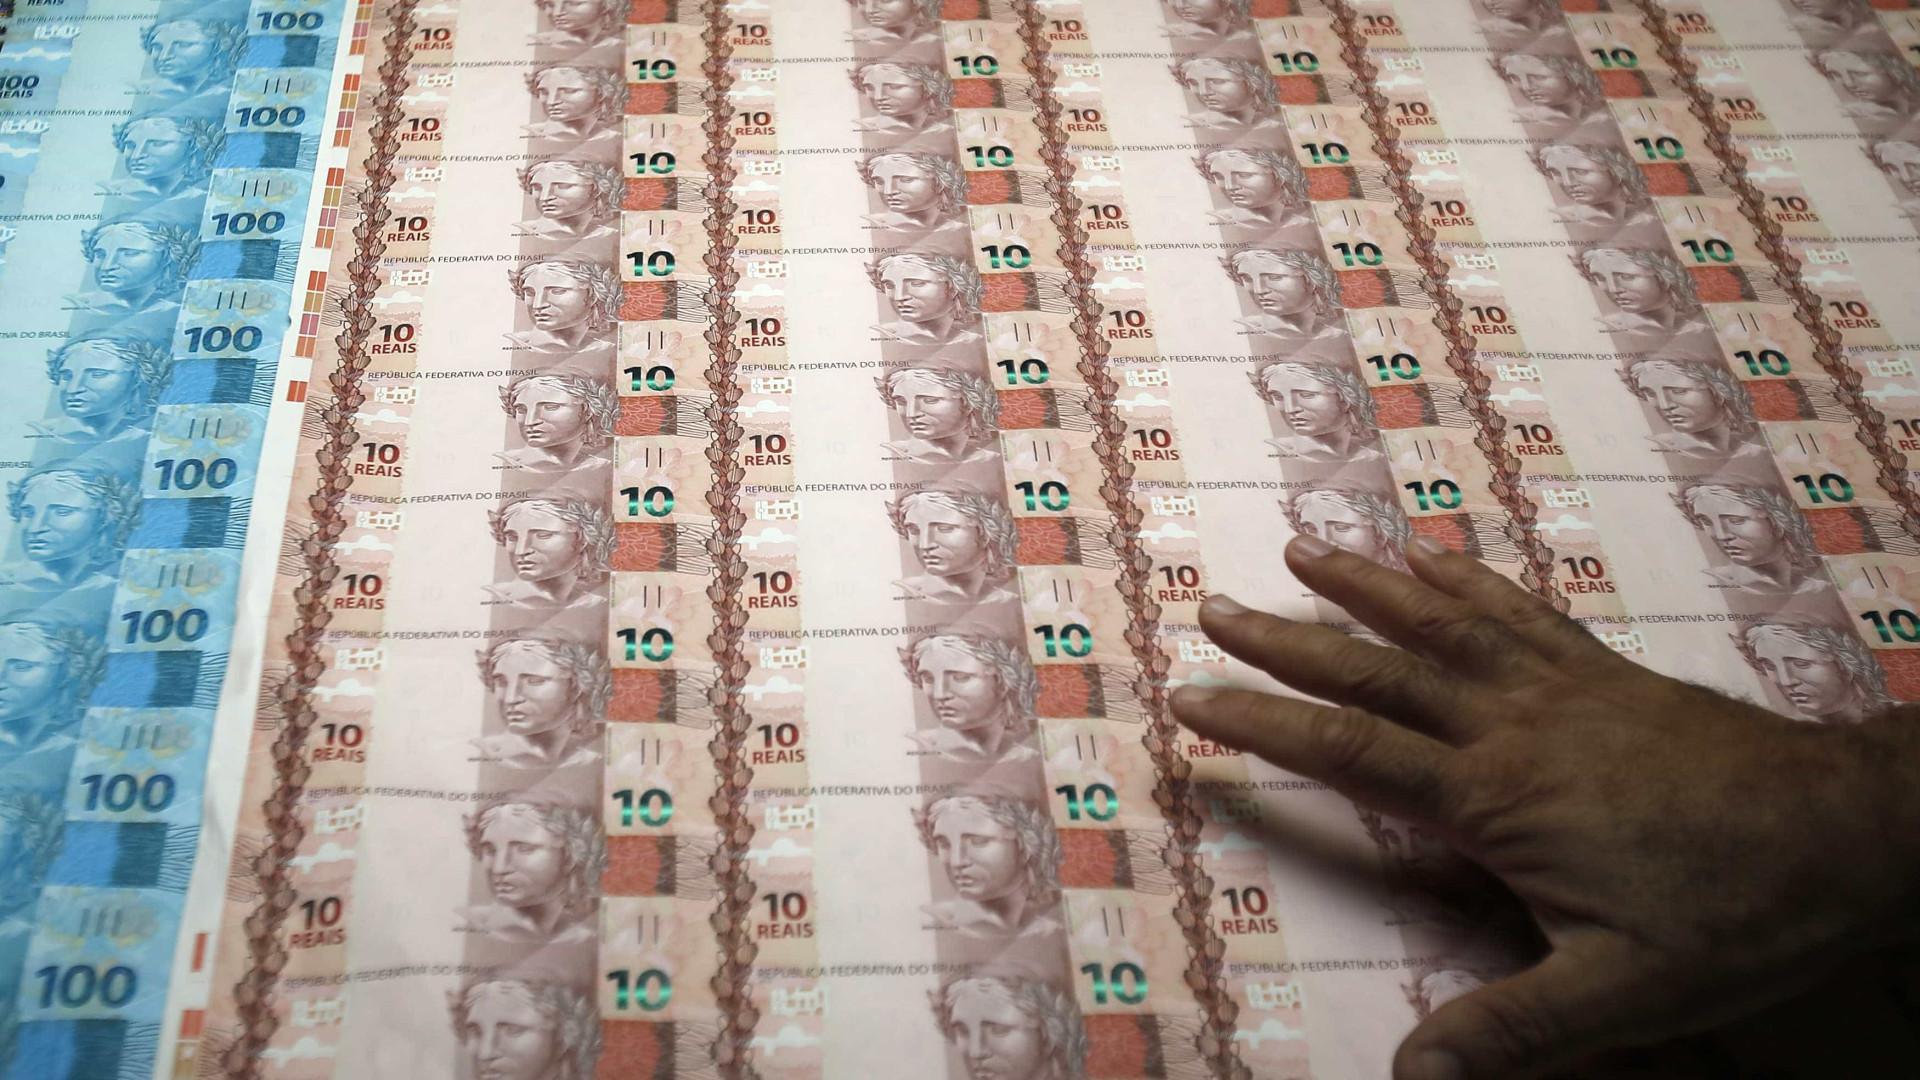 Gastos com enfrentamento à Covid chegam a 36 bilhões neste ano, prevê IFI